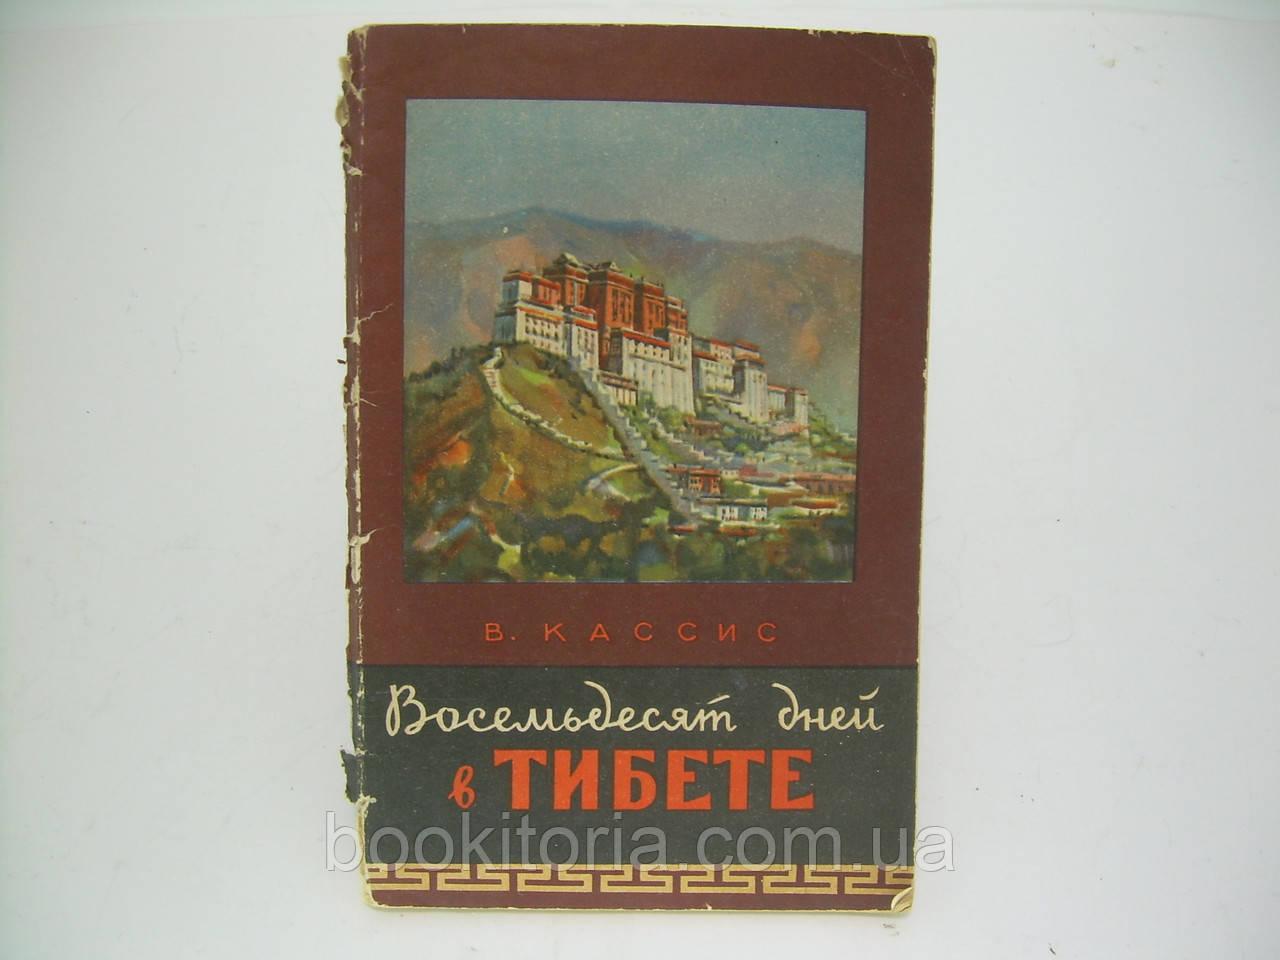 Кассис В. Восемьдесят дней в Тибете (б/у).